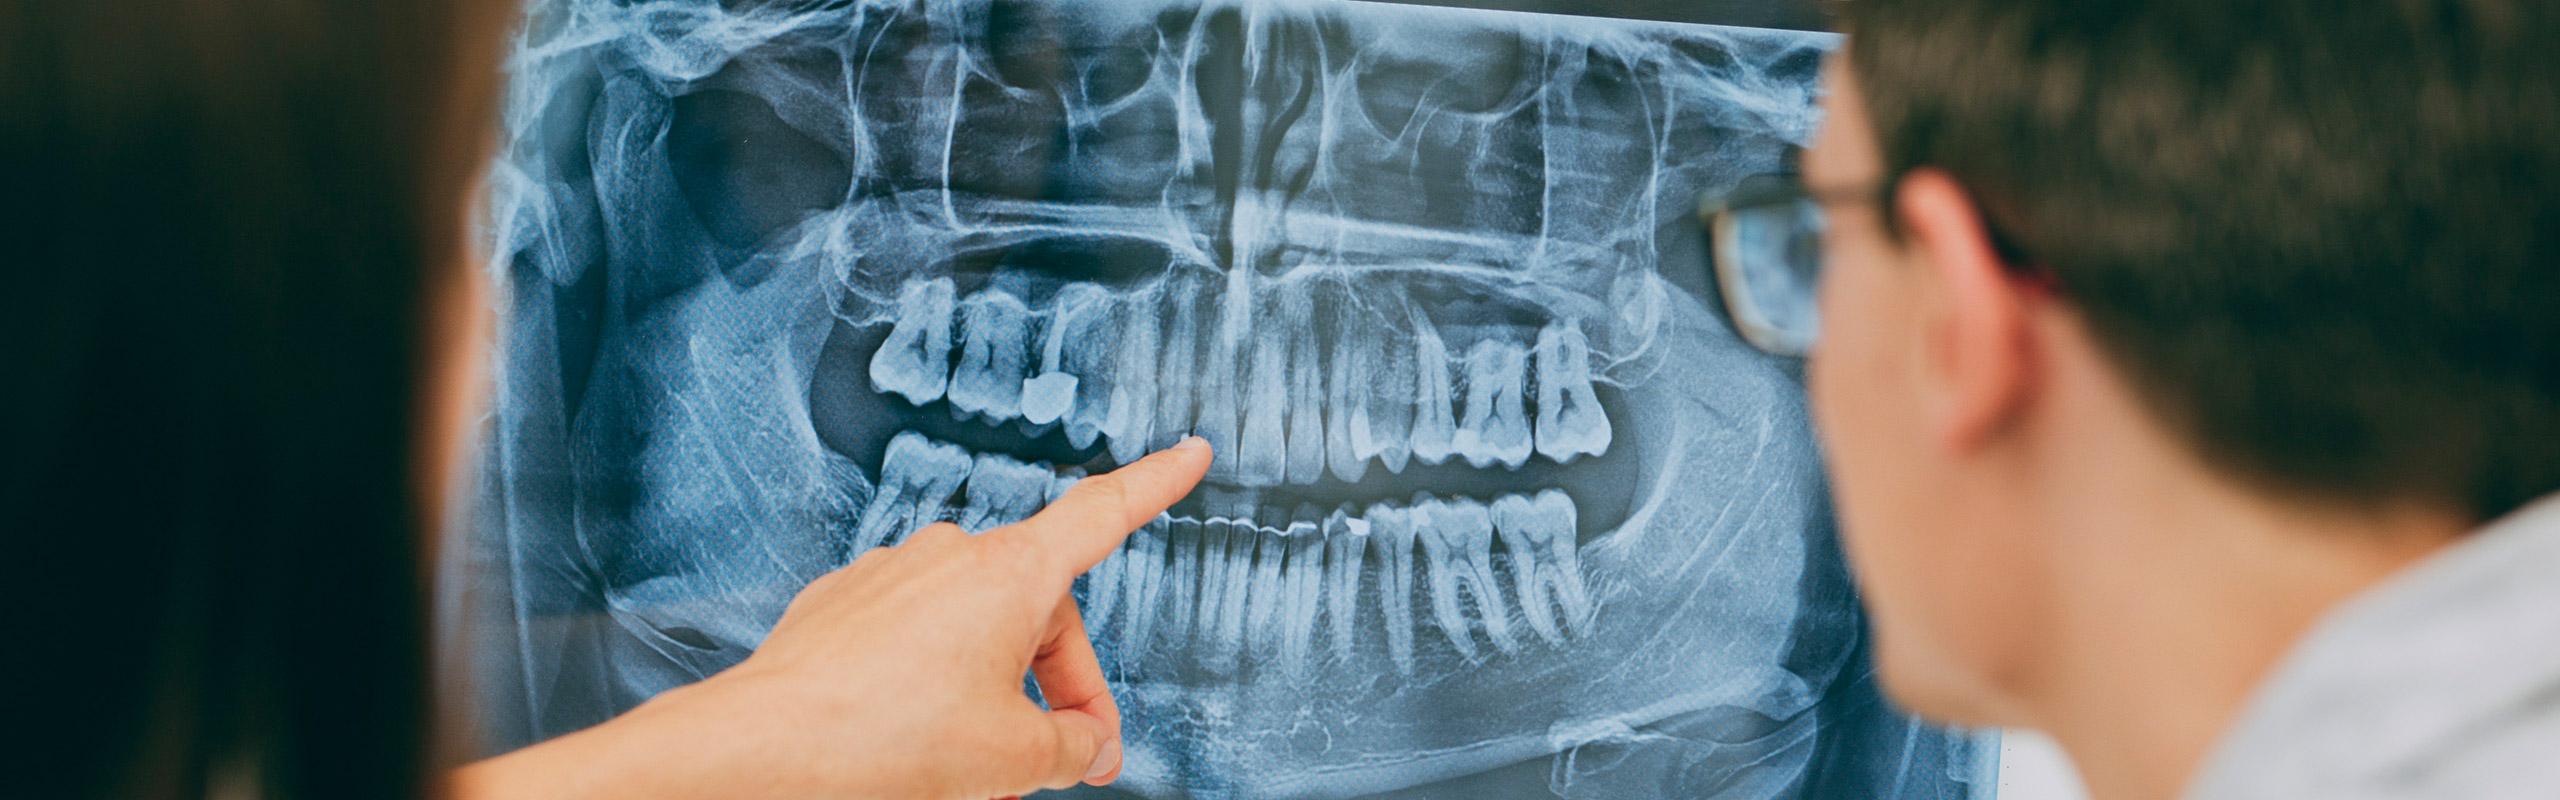 Zahnärzte aus Bonn-Oberkassel planen Behandlung am Röntgenbild.